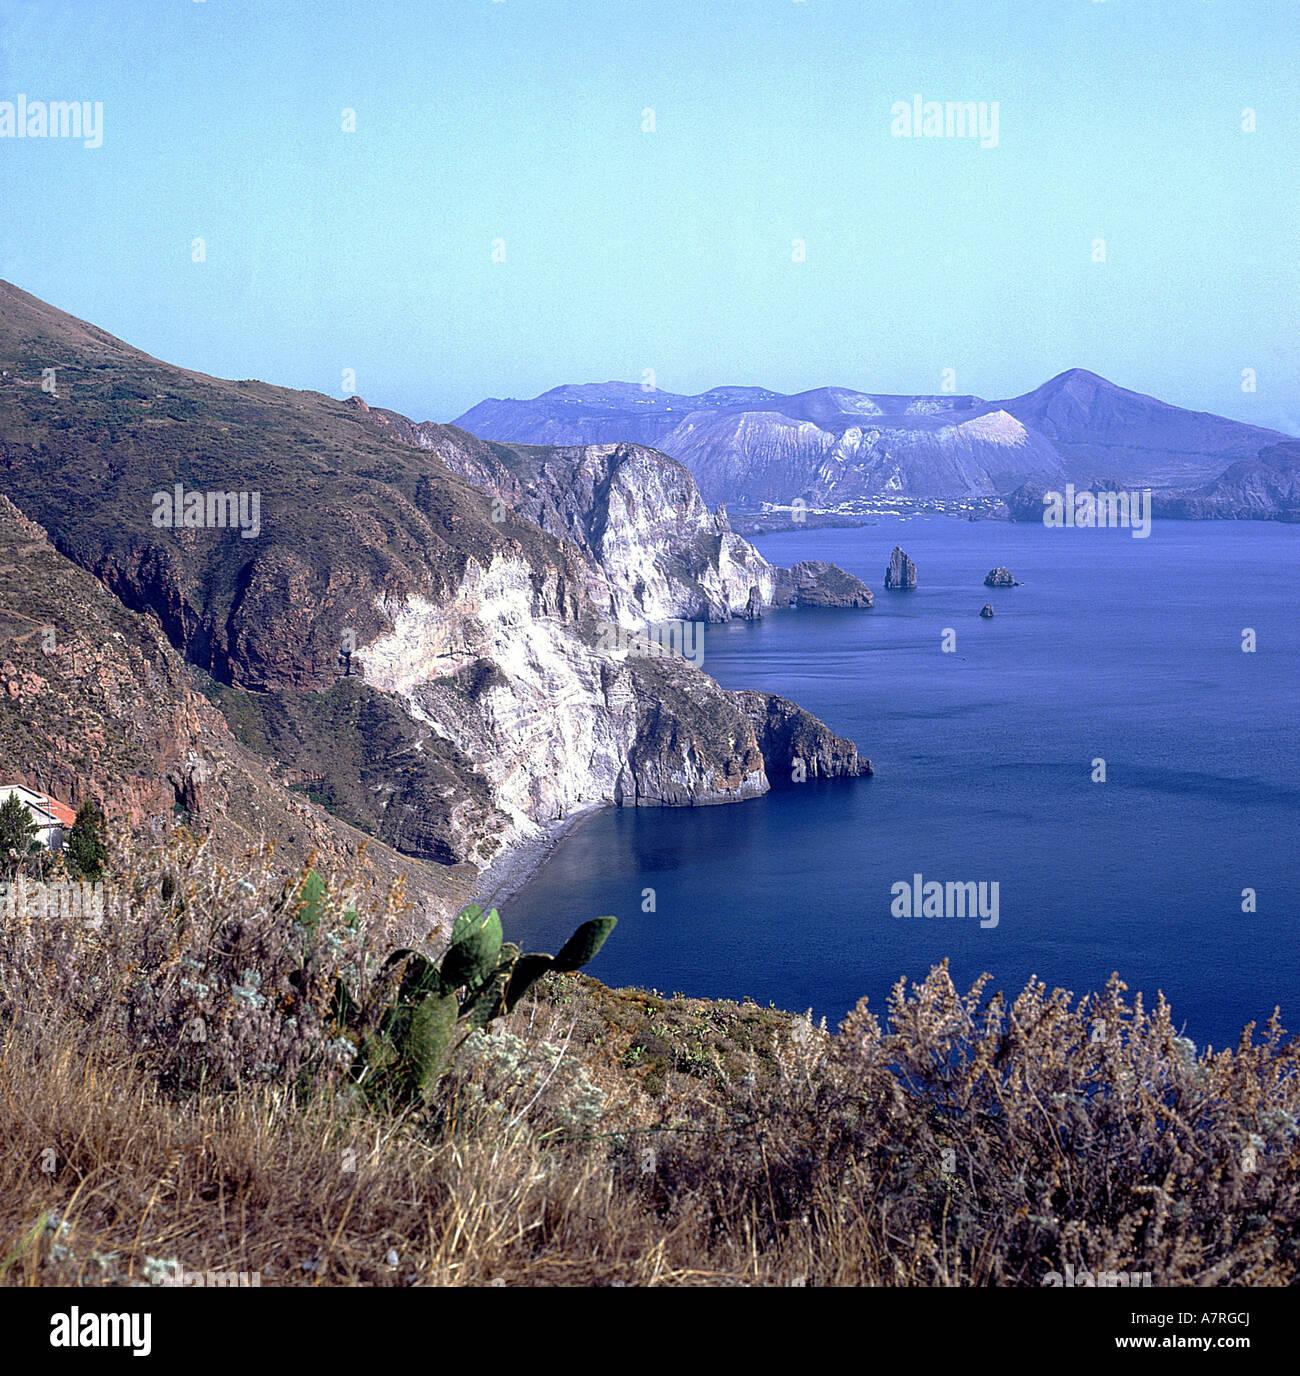 Rock formations at coast, Aeolian Islands, Sicily, Italy Stock Photo